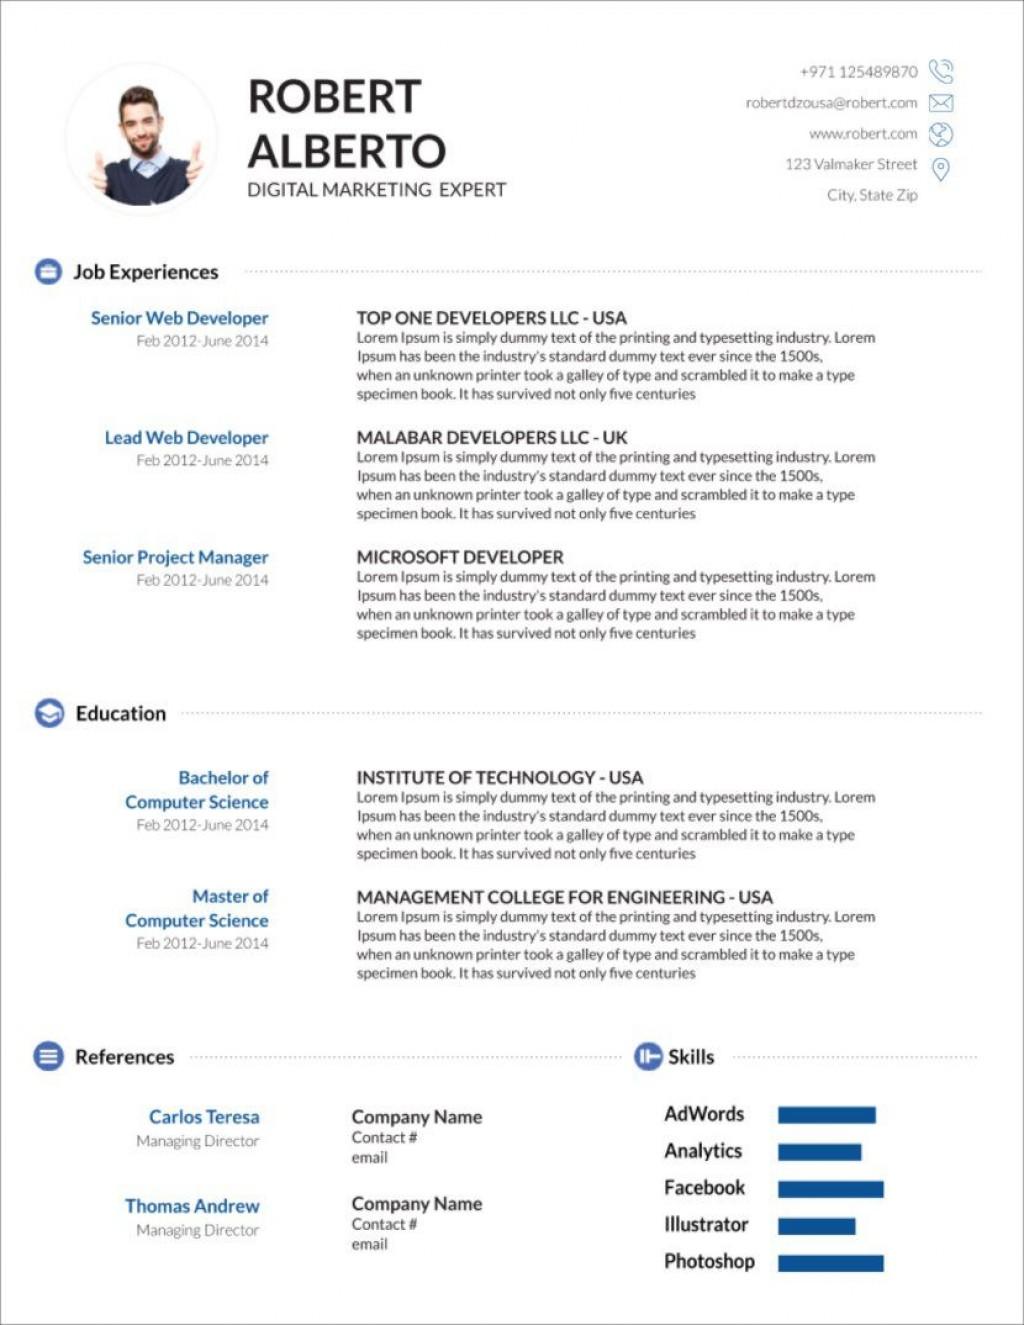 003 Unusual Resume Template Word 2003 Free Download Sample  DownloadsLarge